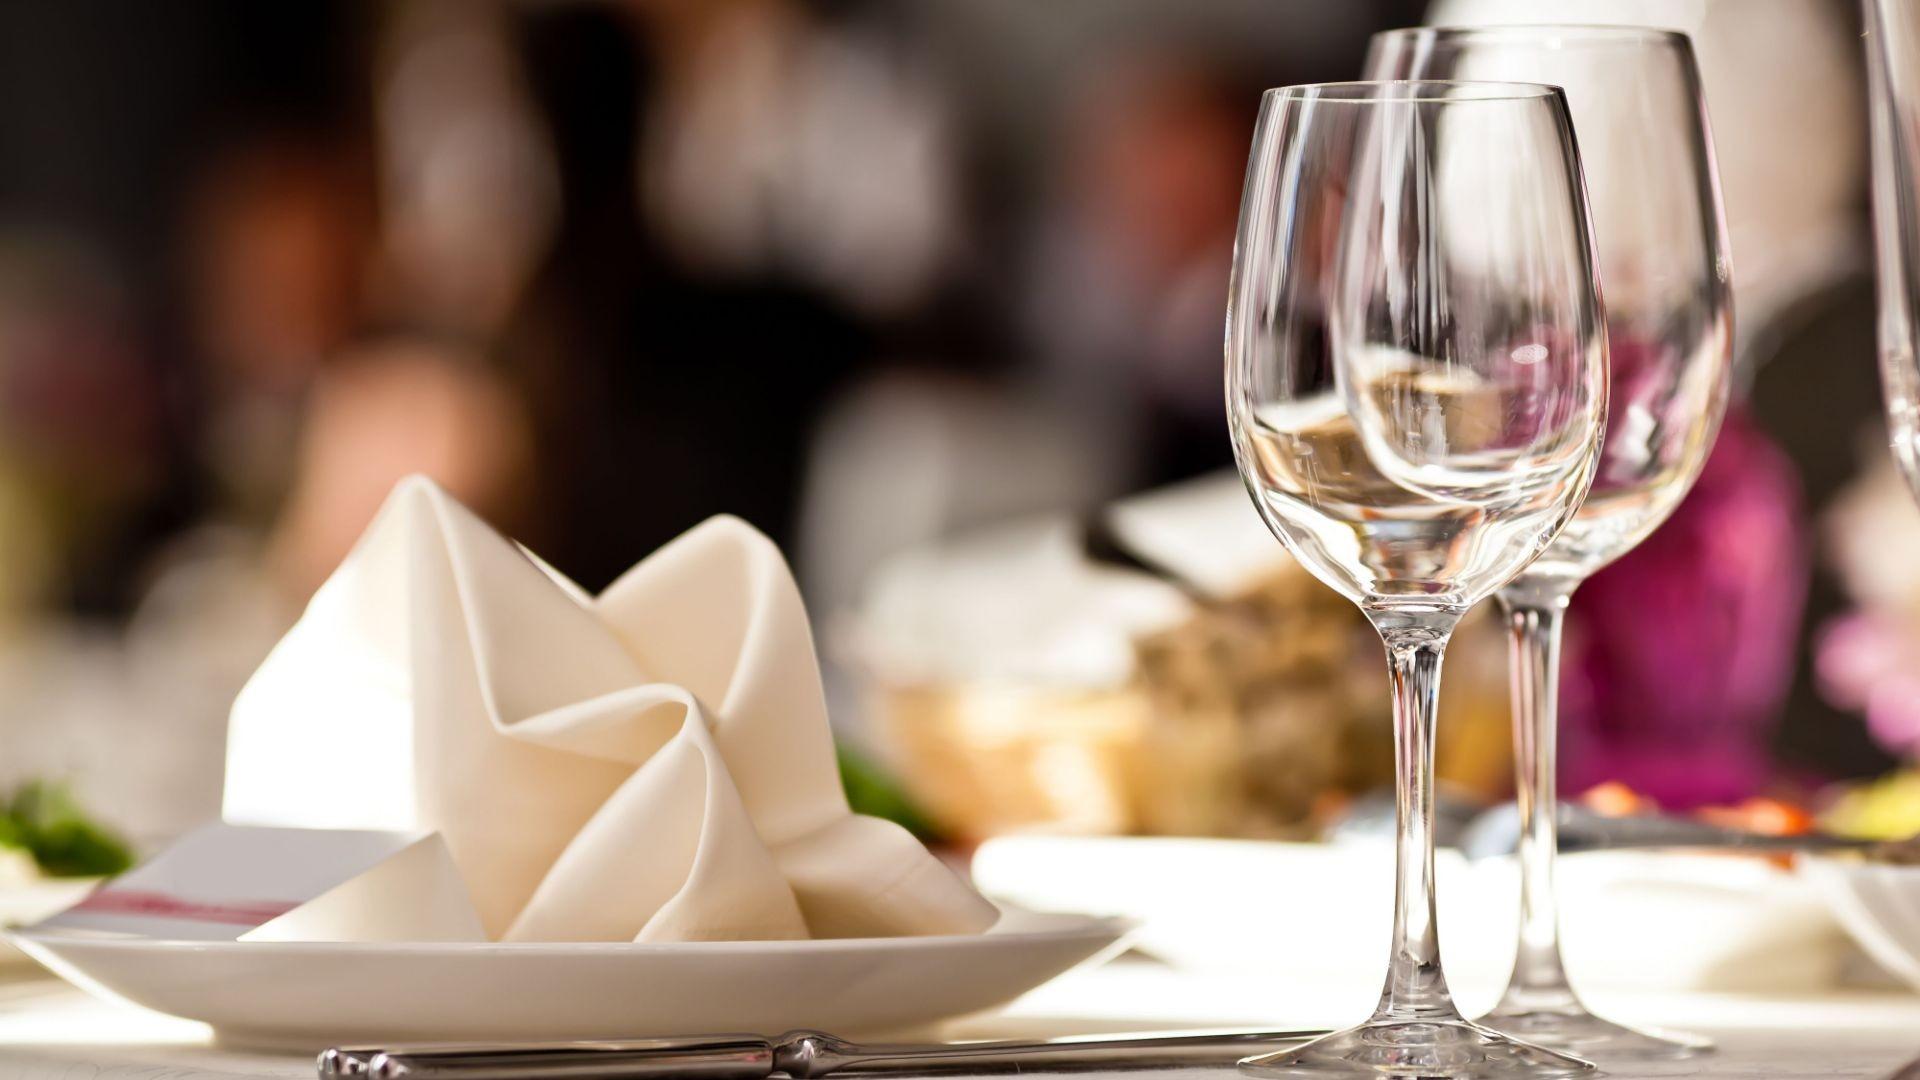 Restaurante de cocina mediterránea y hamburguesería